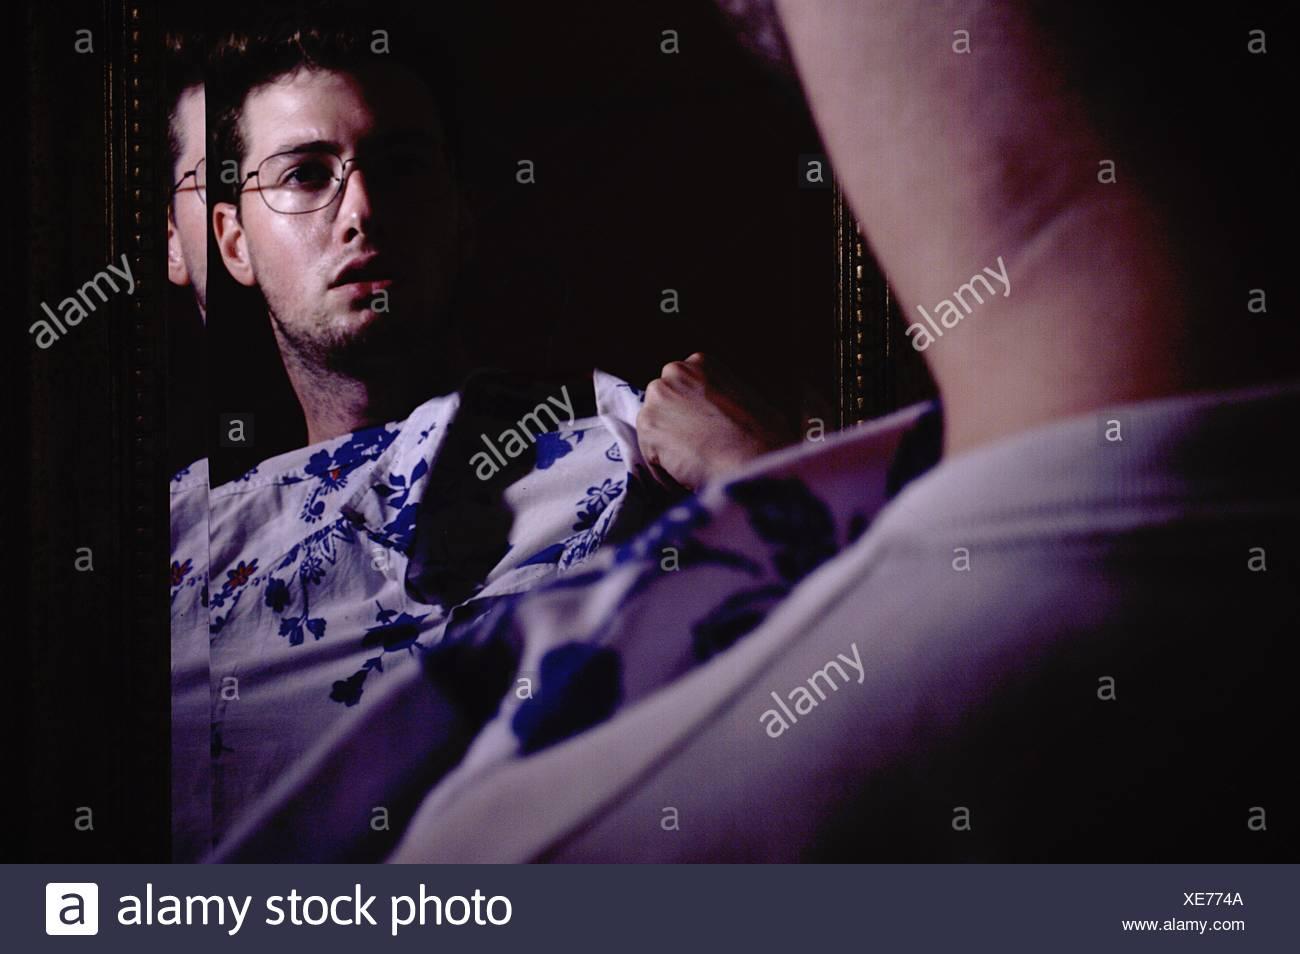 La riflessione di uomo che cerca Shirt in specchio Immagini Stock